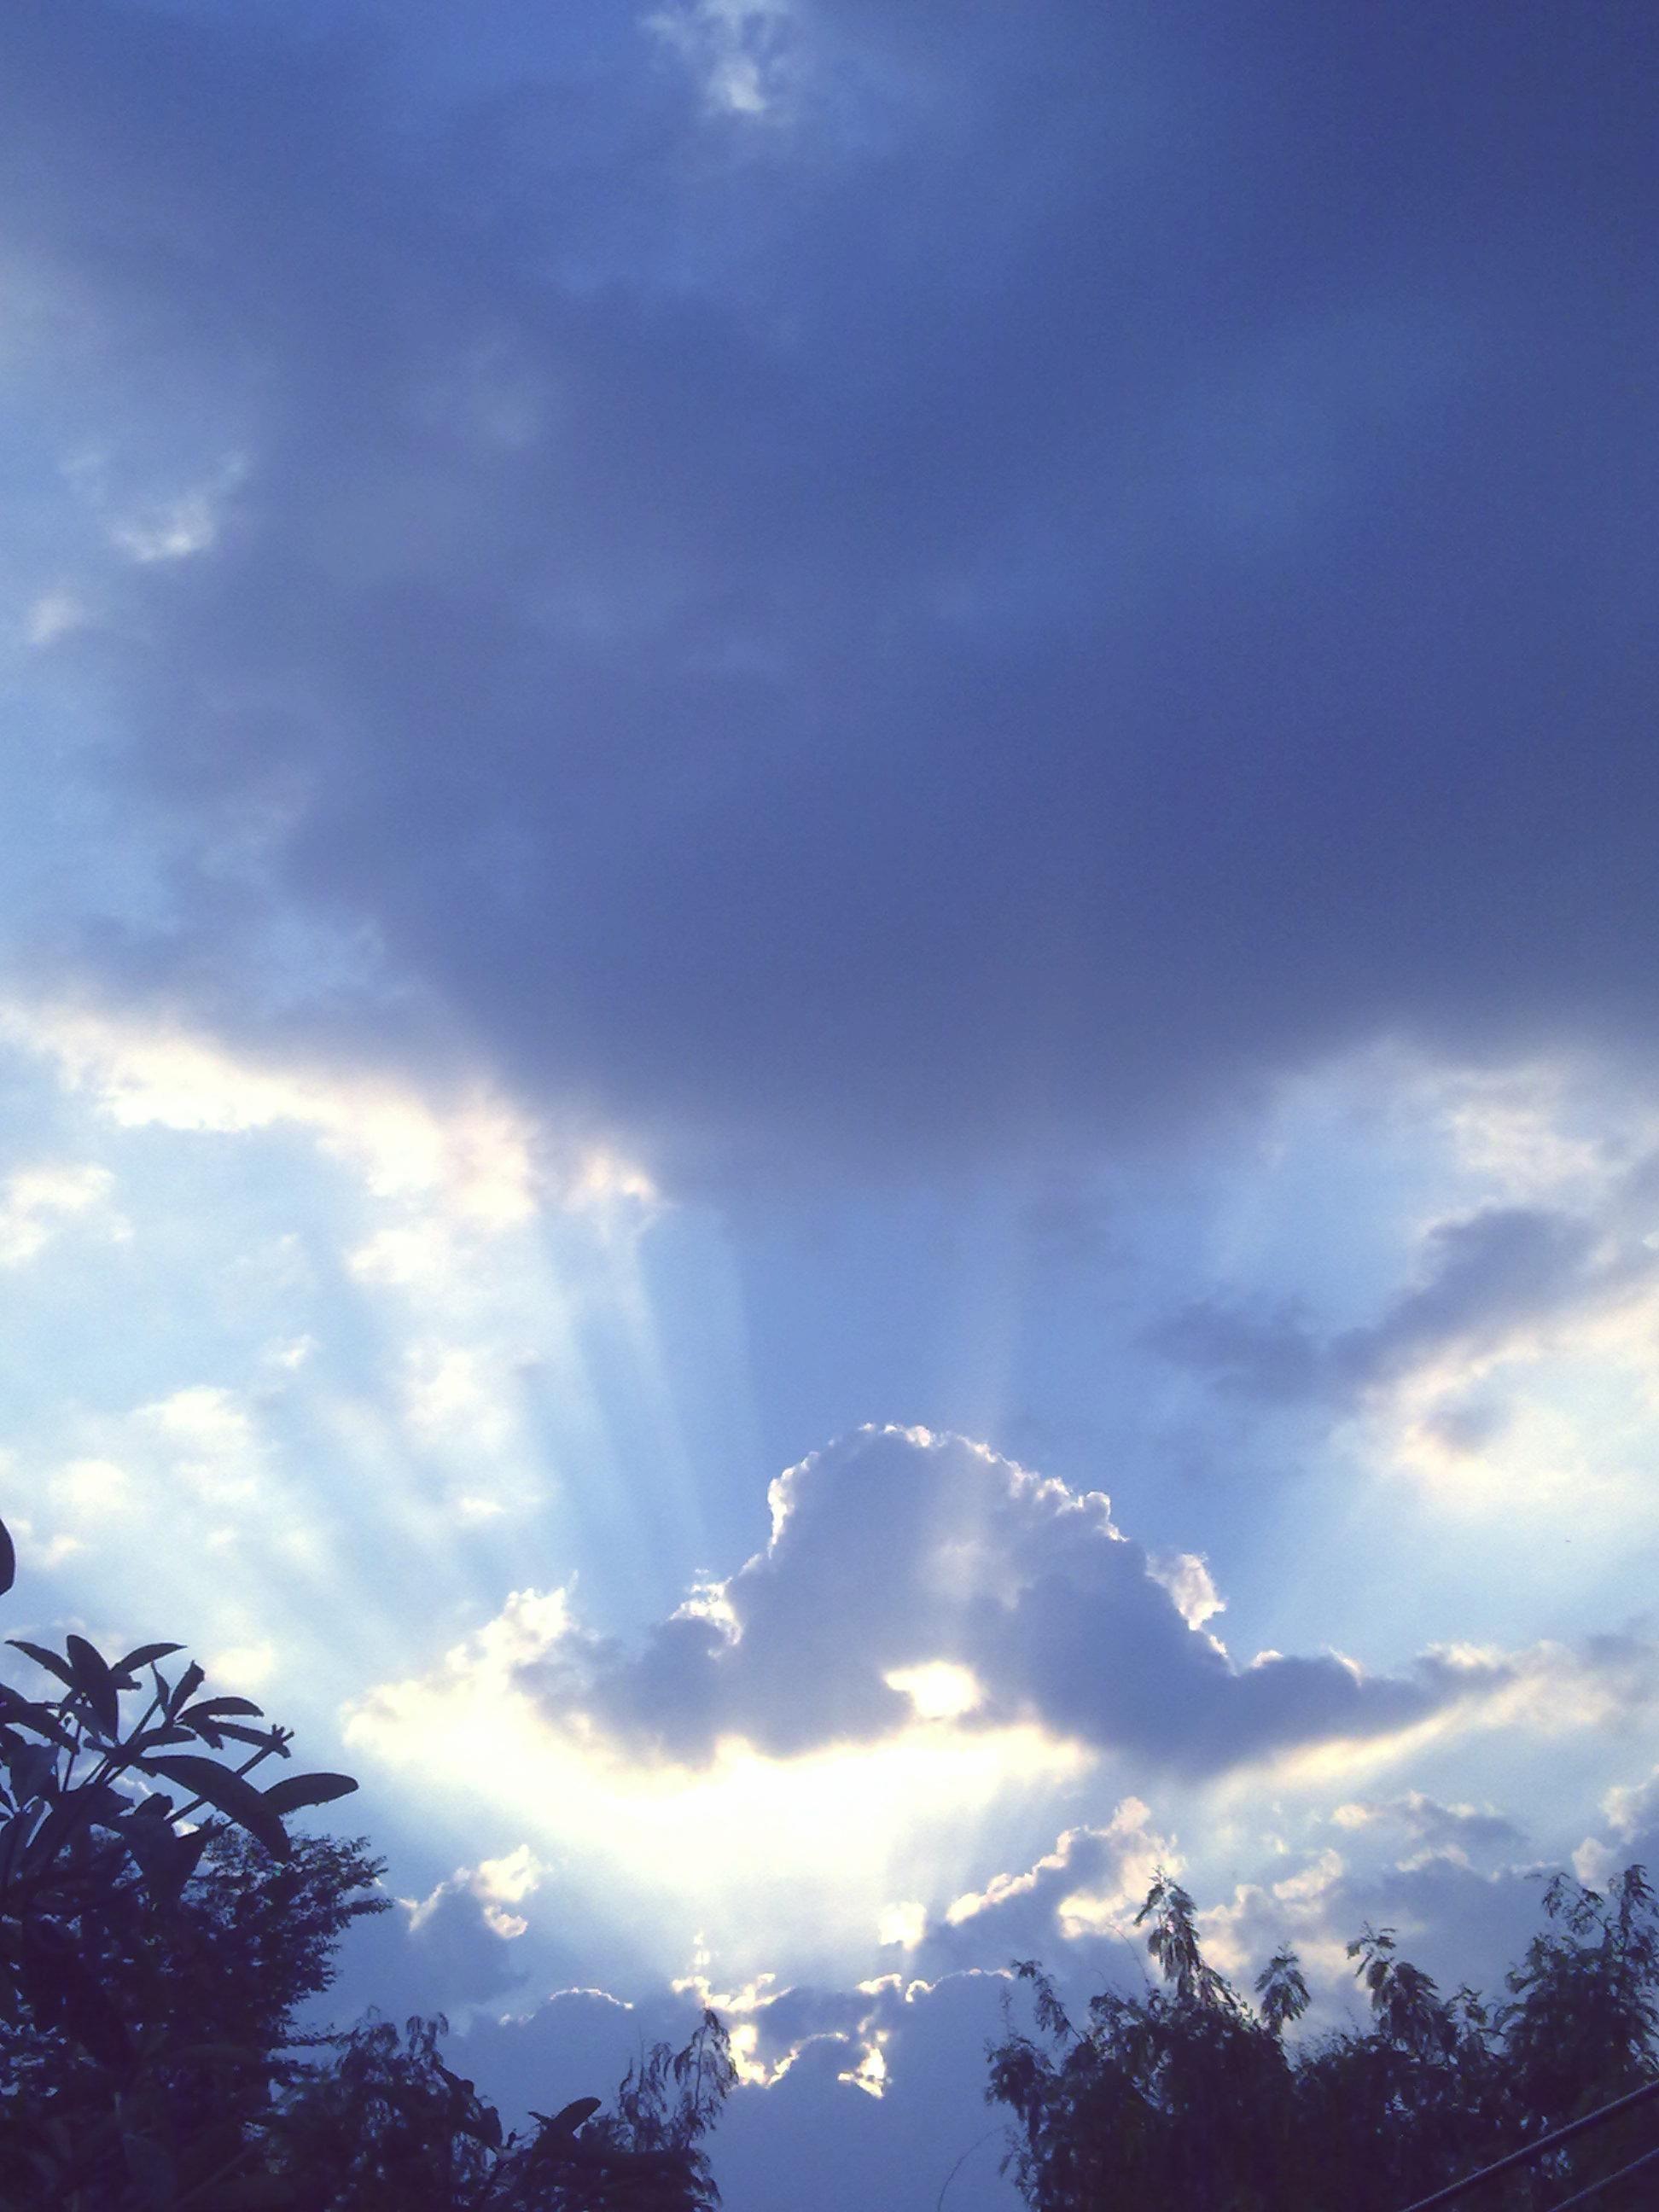 ปักพินโดย manao patcharapee ใน ☁ Cloud & sky